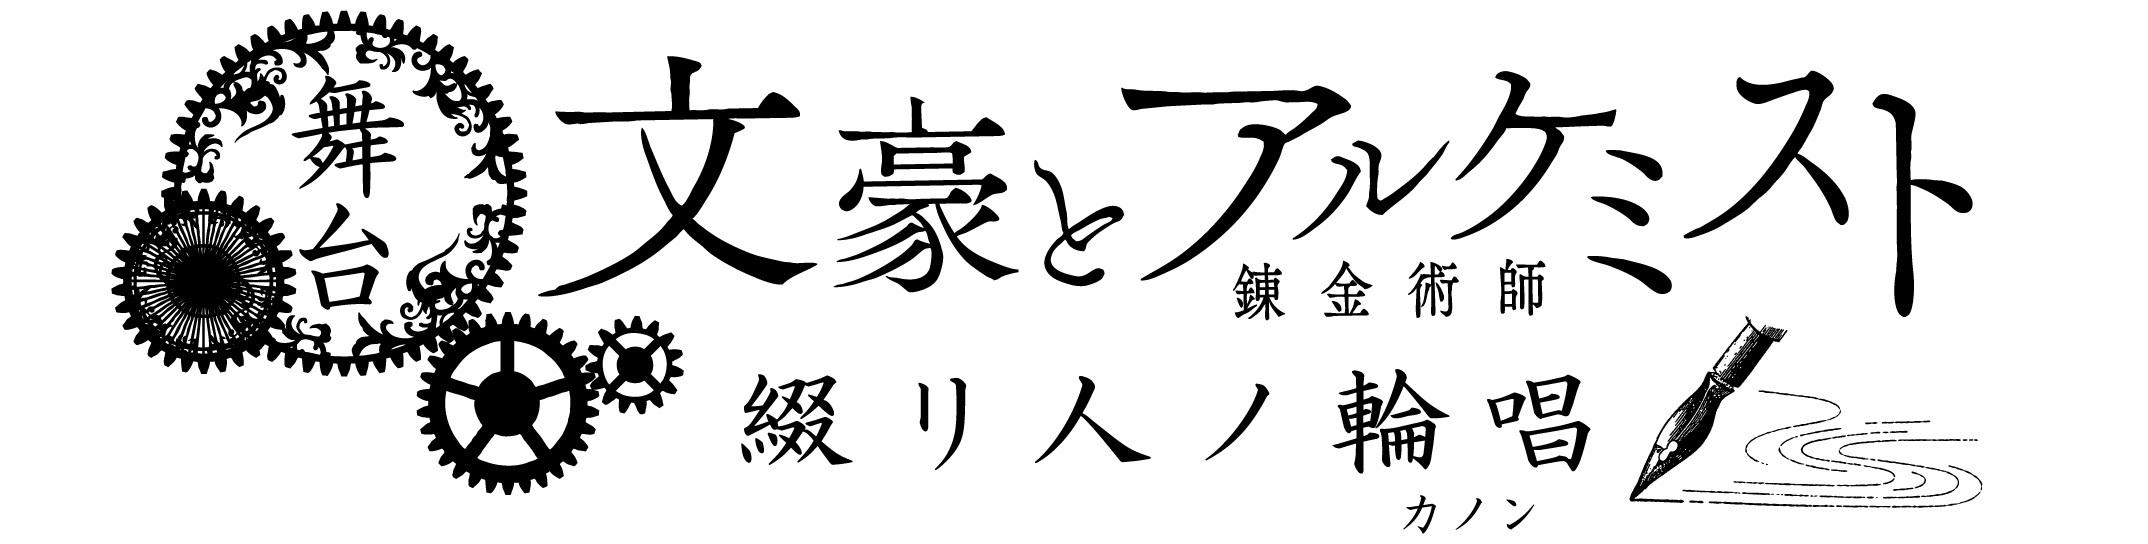 ba3_logo_fix.jpg